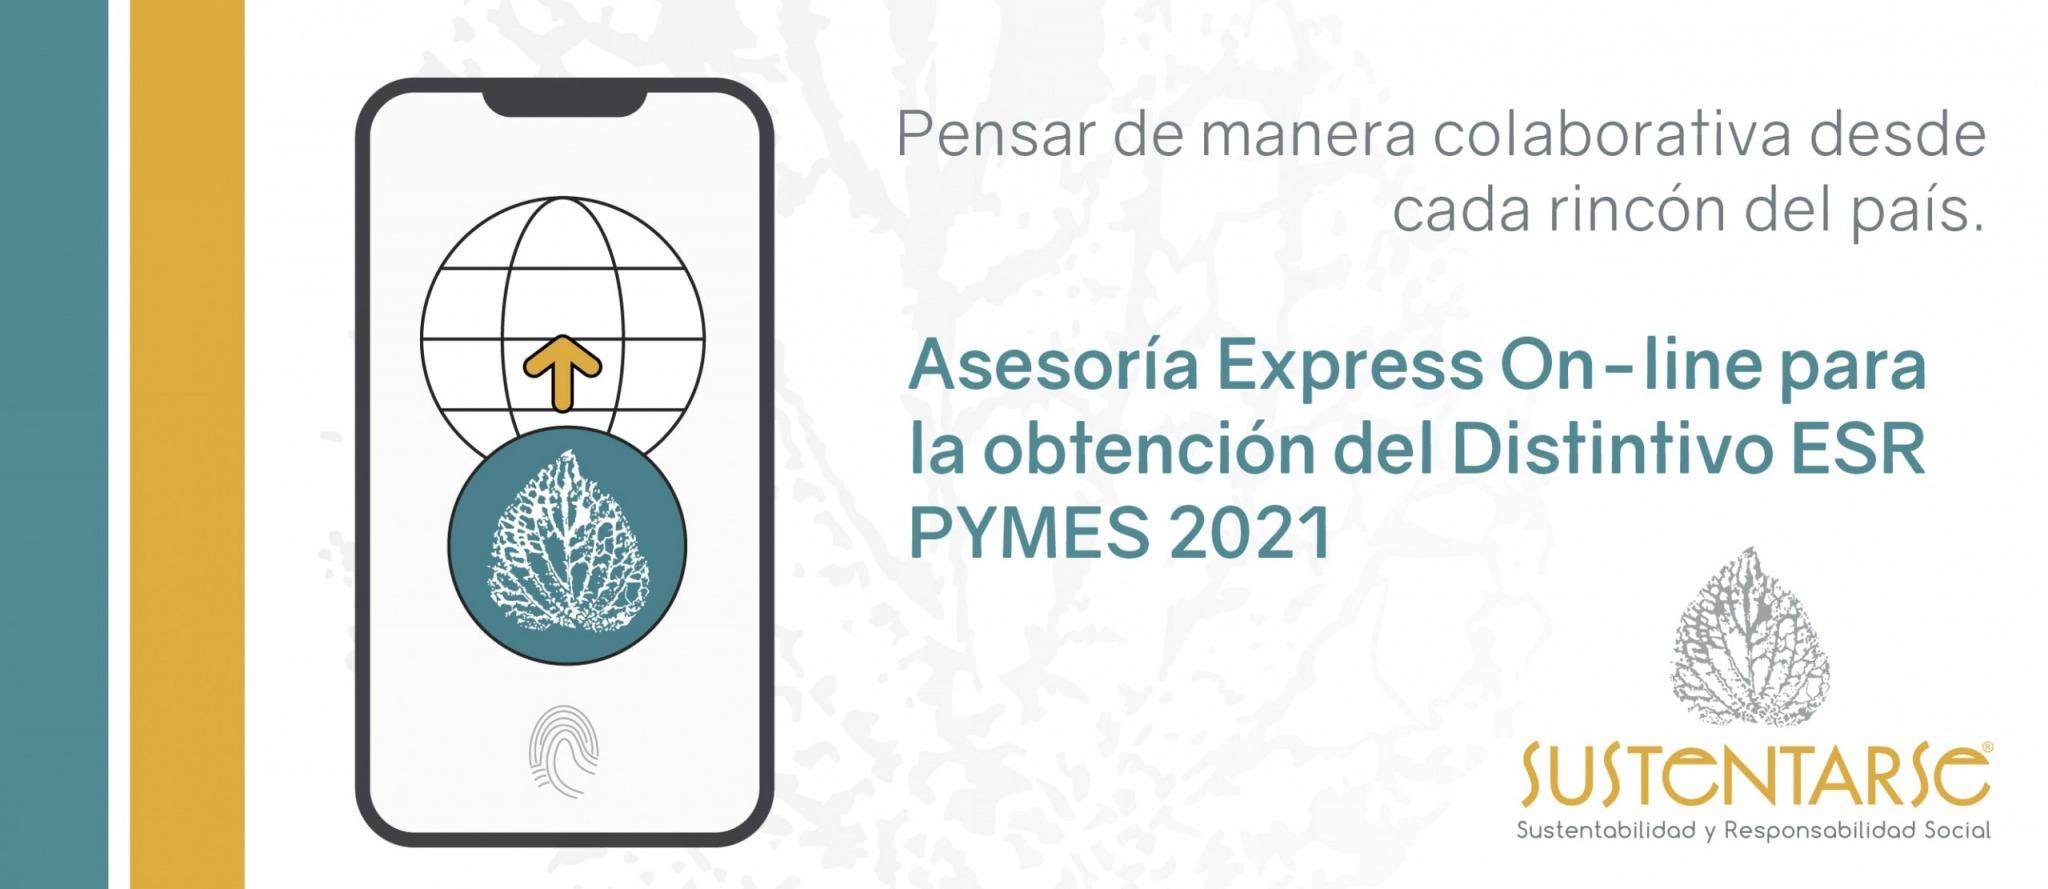 sustentarse_¿Cómo se obtiene el Distintivo ESR® 2021?